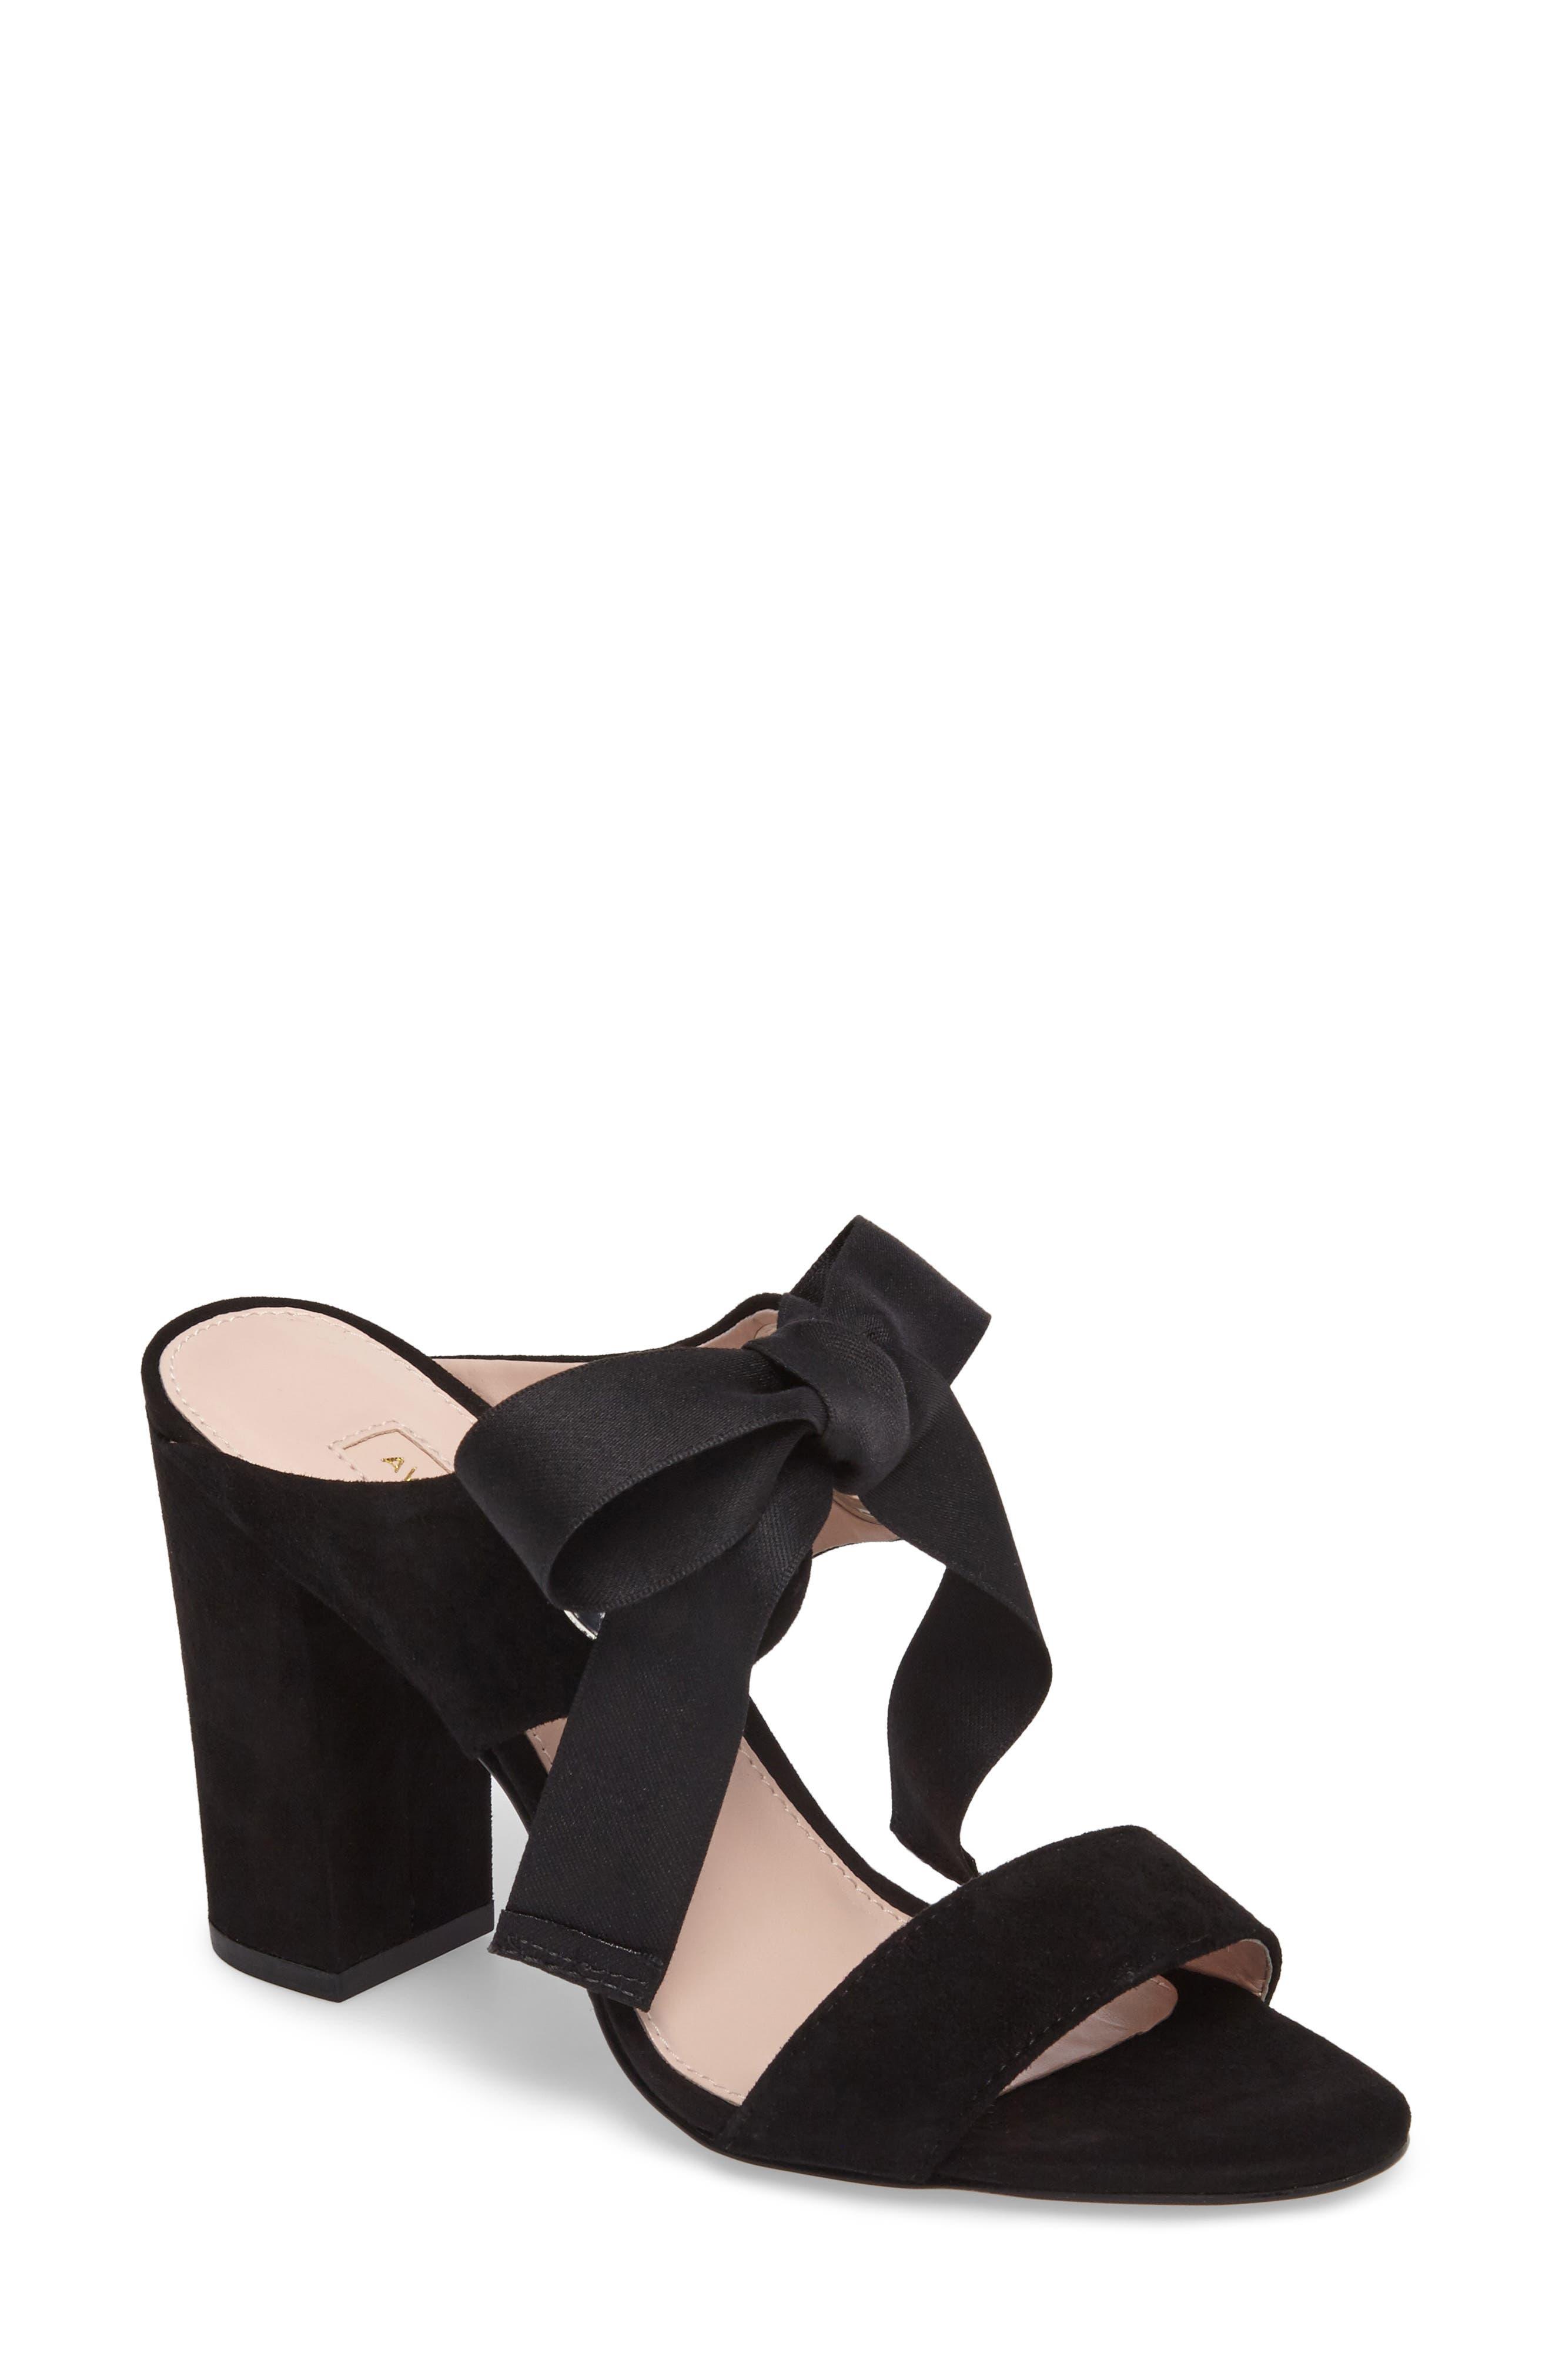 Megan Tie Strap Sandal,                         Main,                         color,